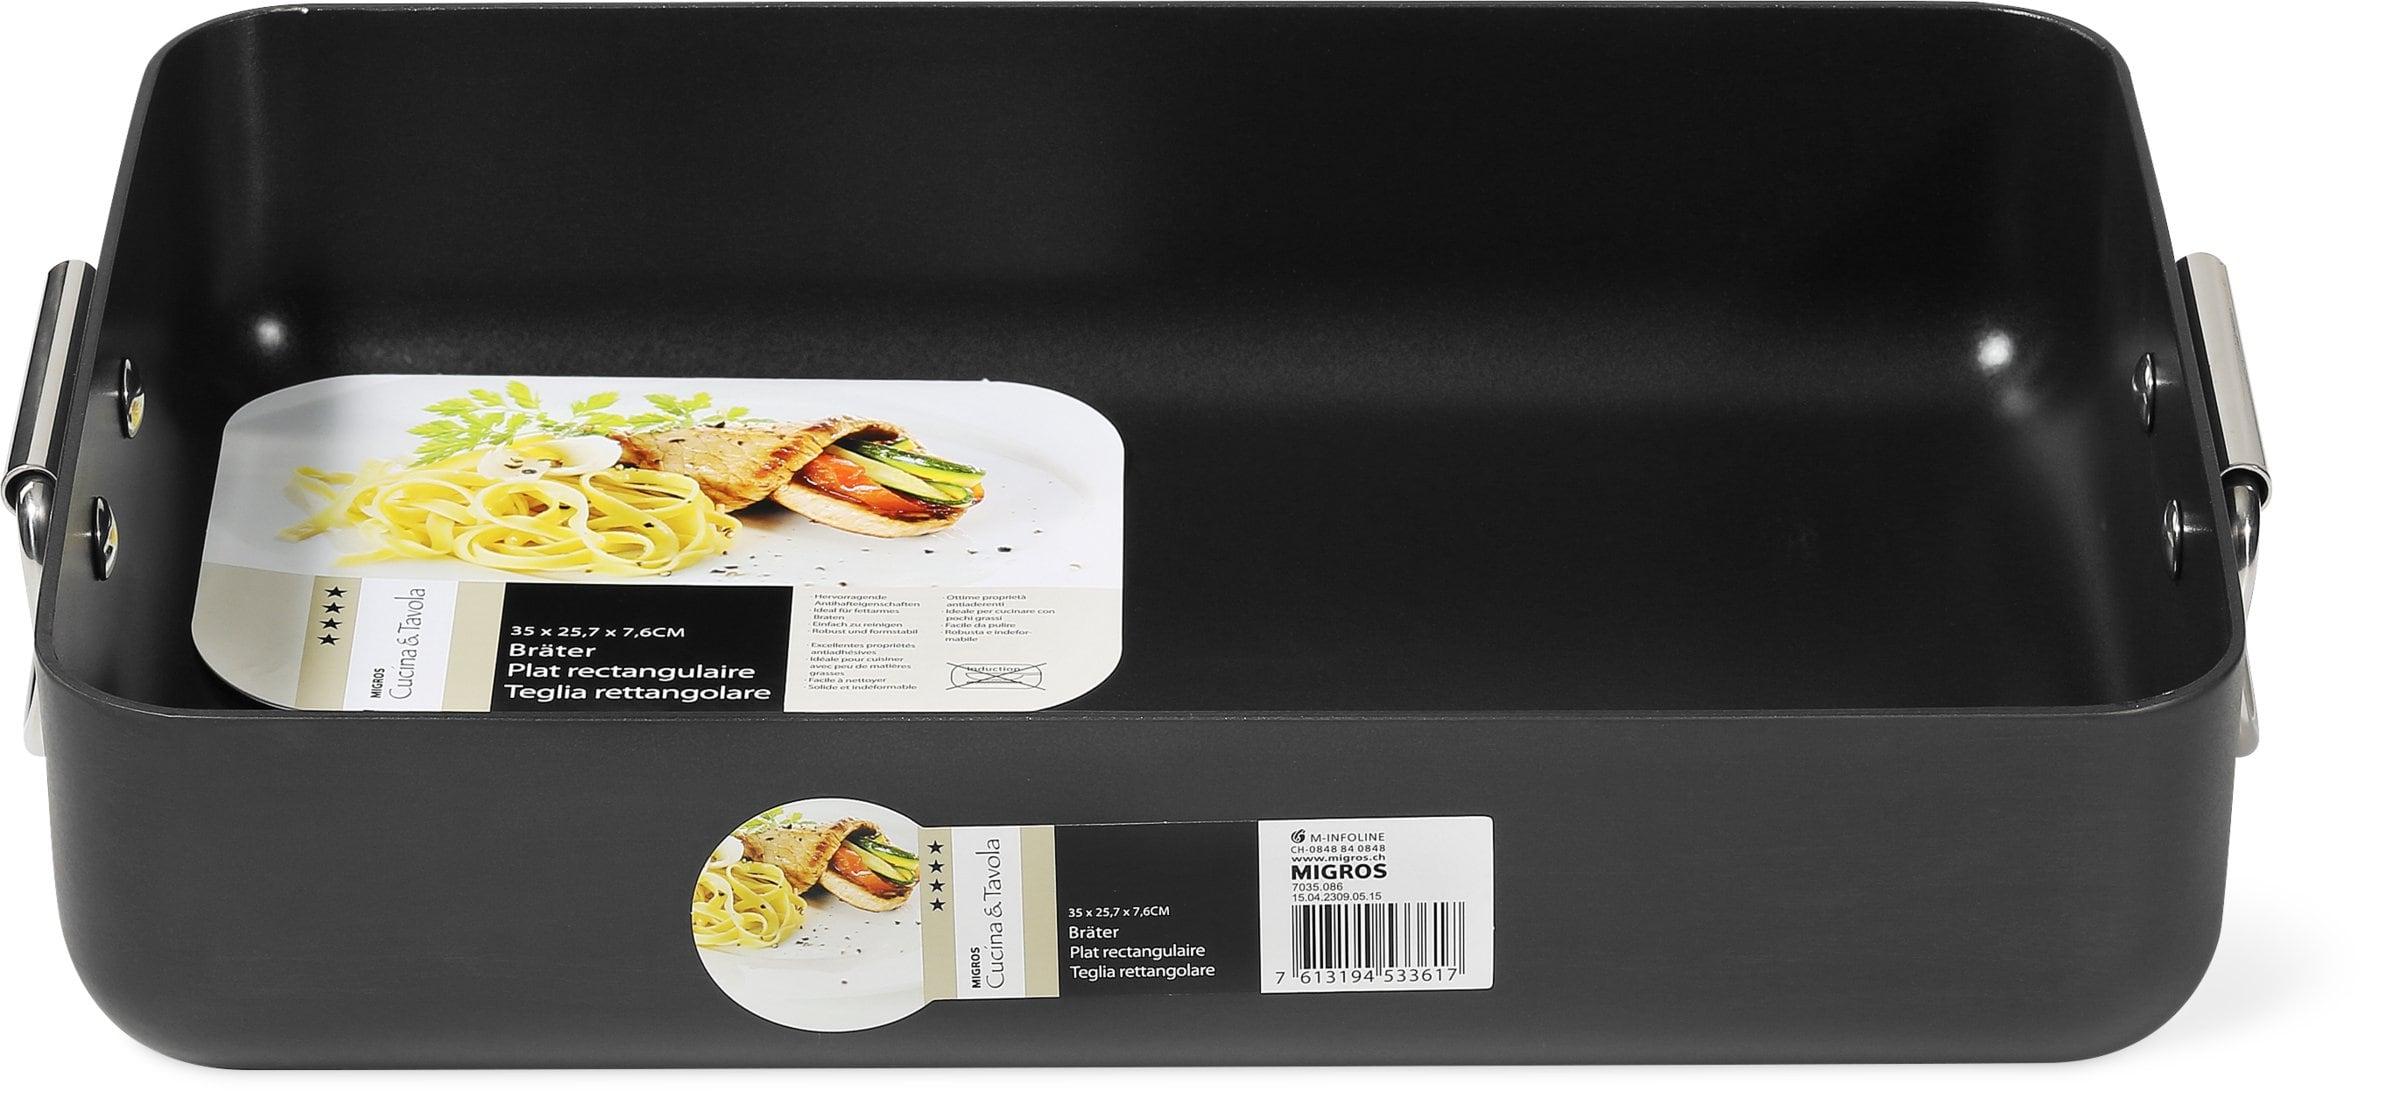 Cucina & Tavola Bräter